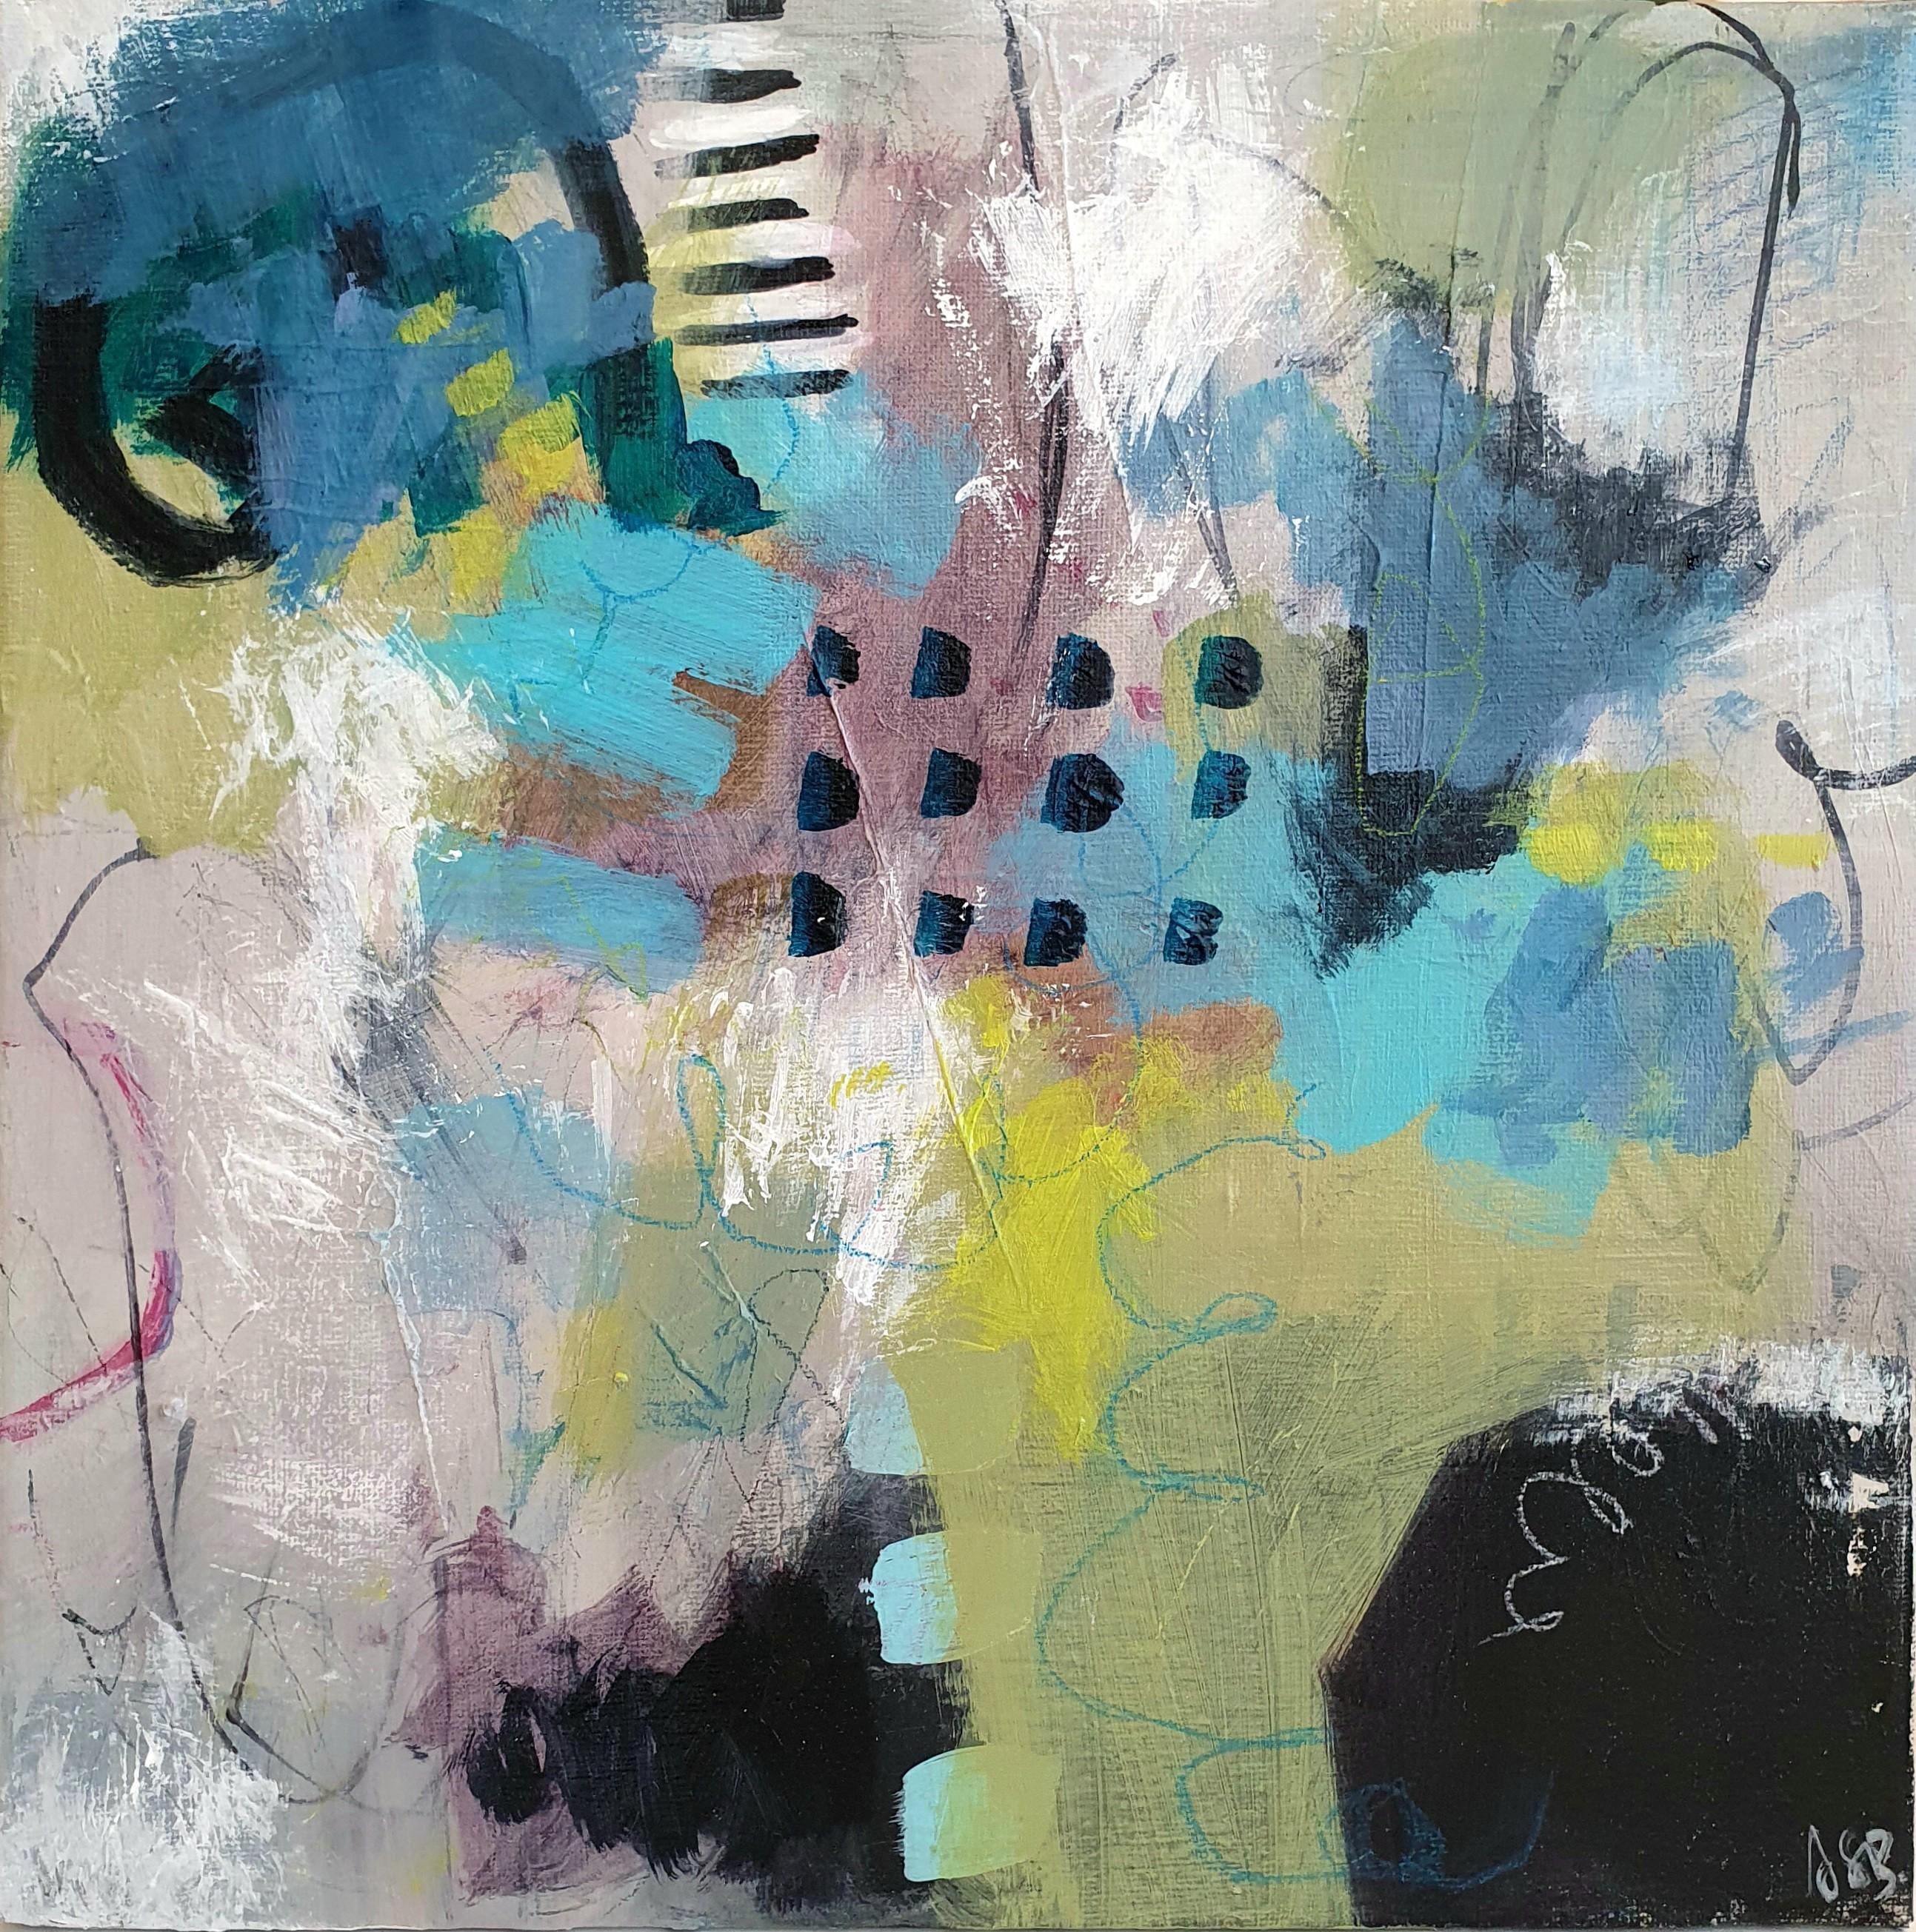 Umjetnička slika 25, Jelena Sitar Barbarić